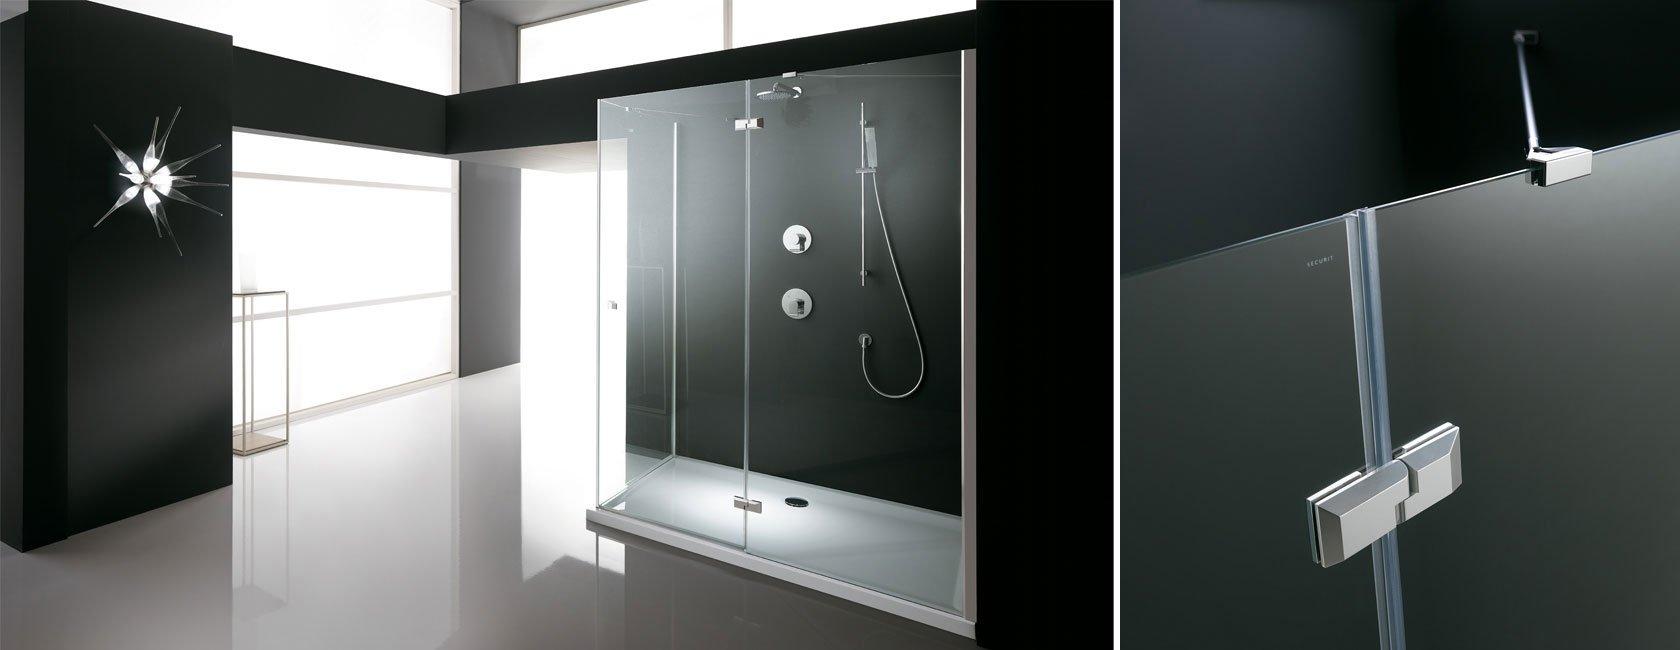 Sostituzione vasca con doccia - Come sostituire una vasca da bagno ...